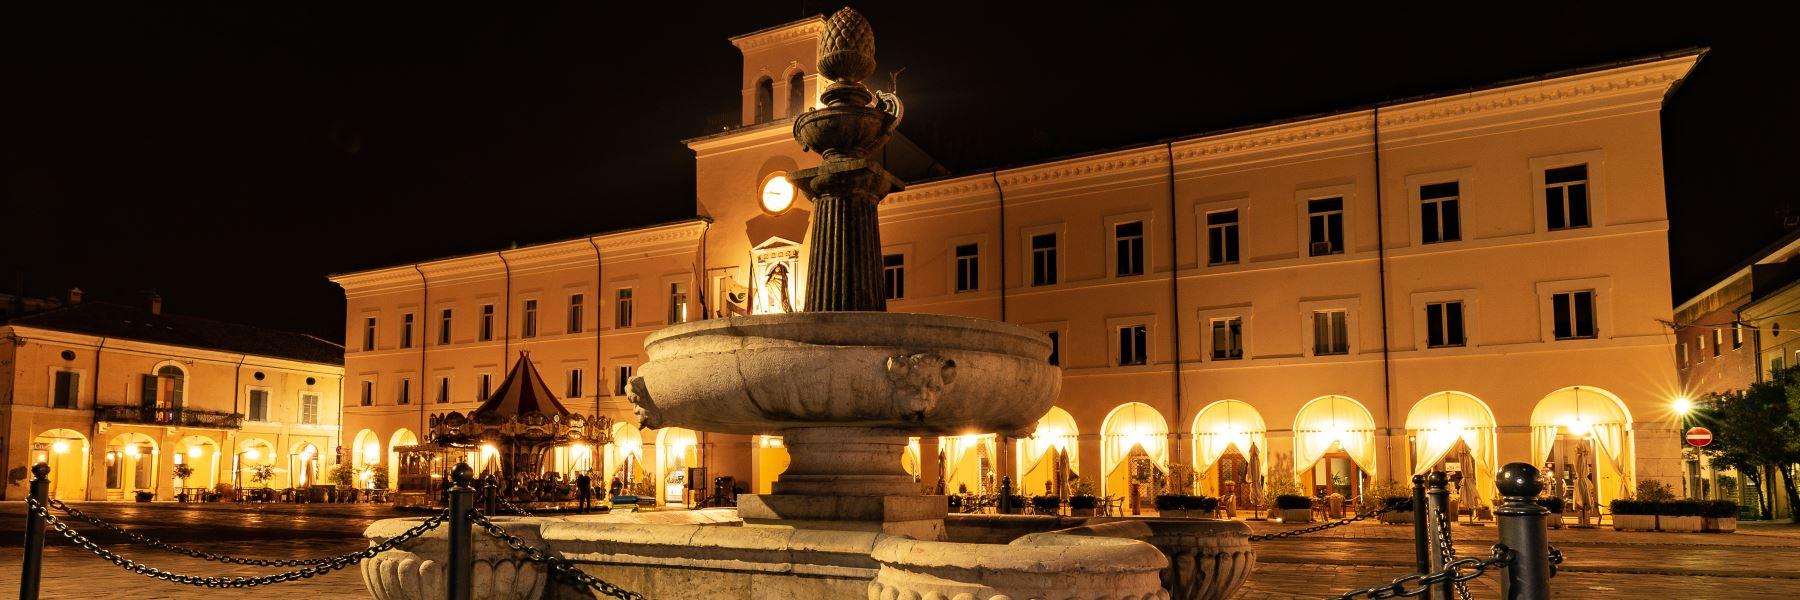 Der Brunnen am Garibaldi Platz